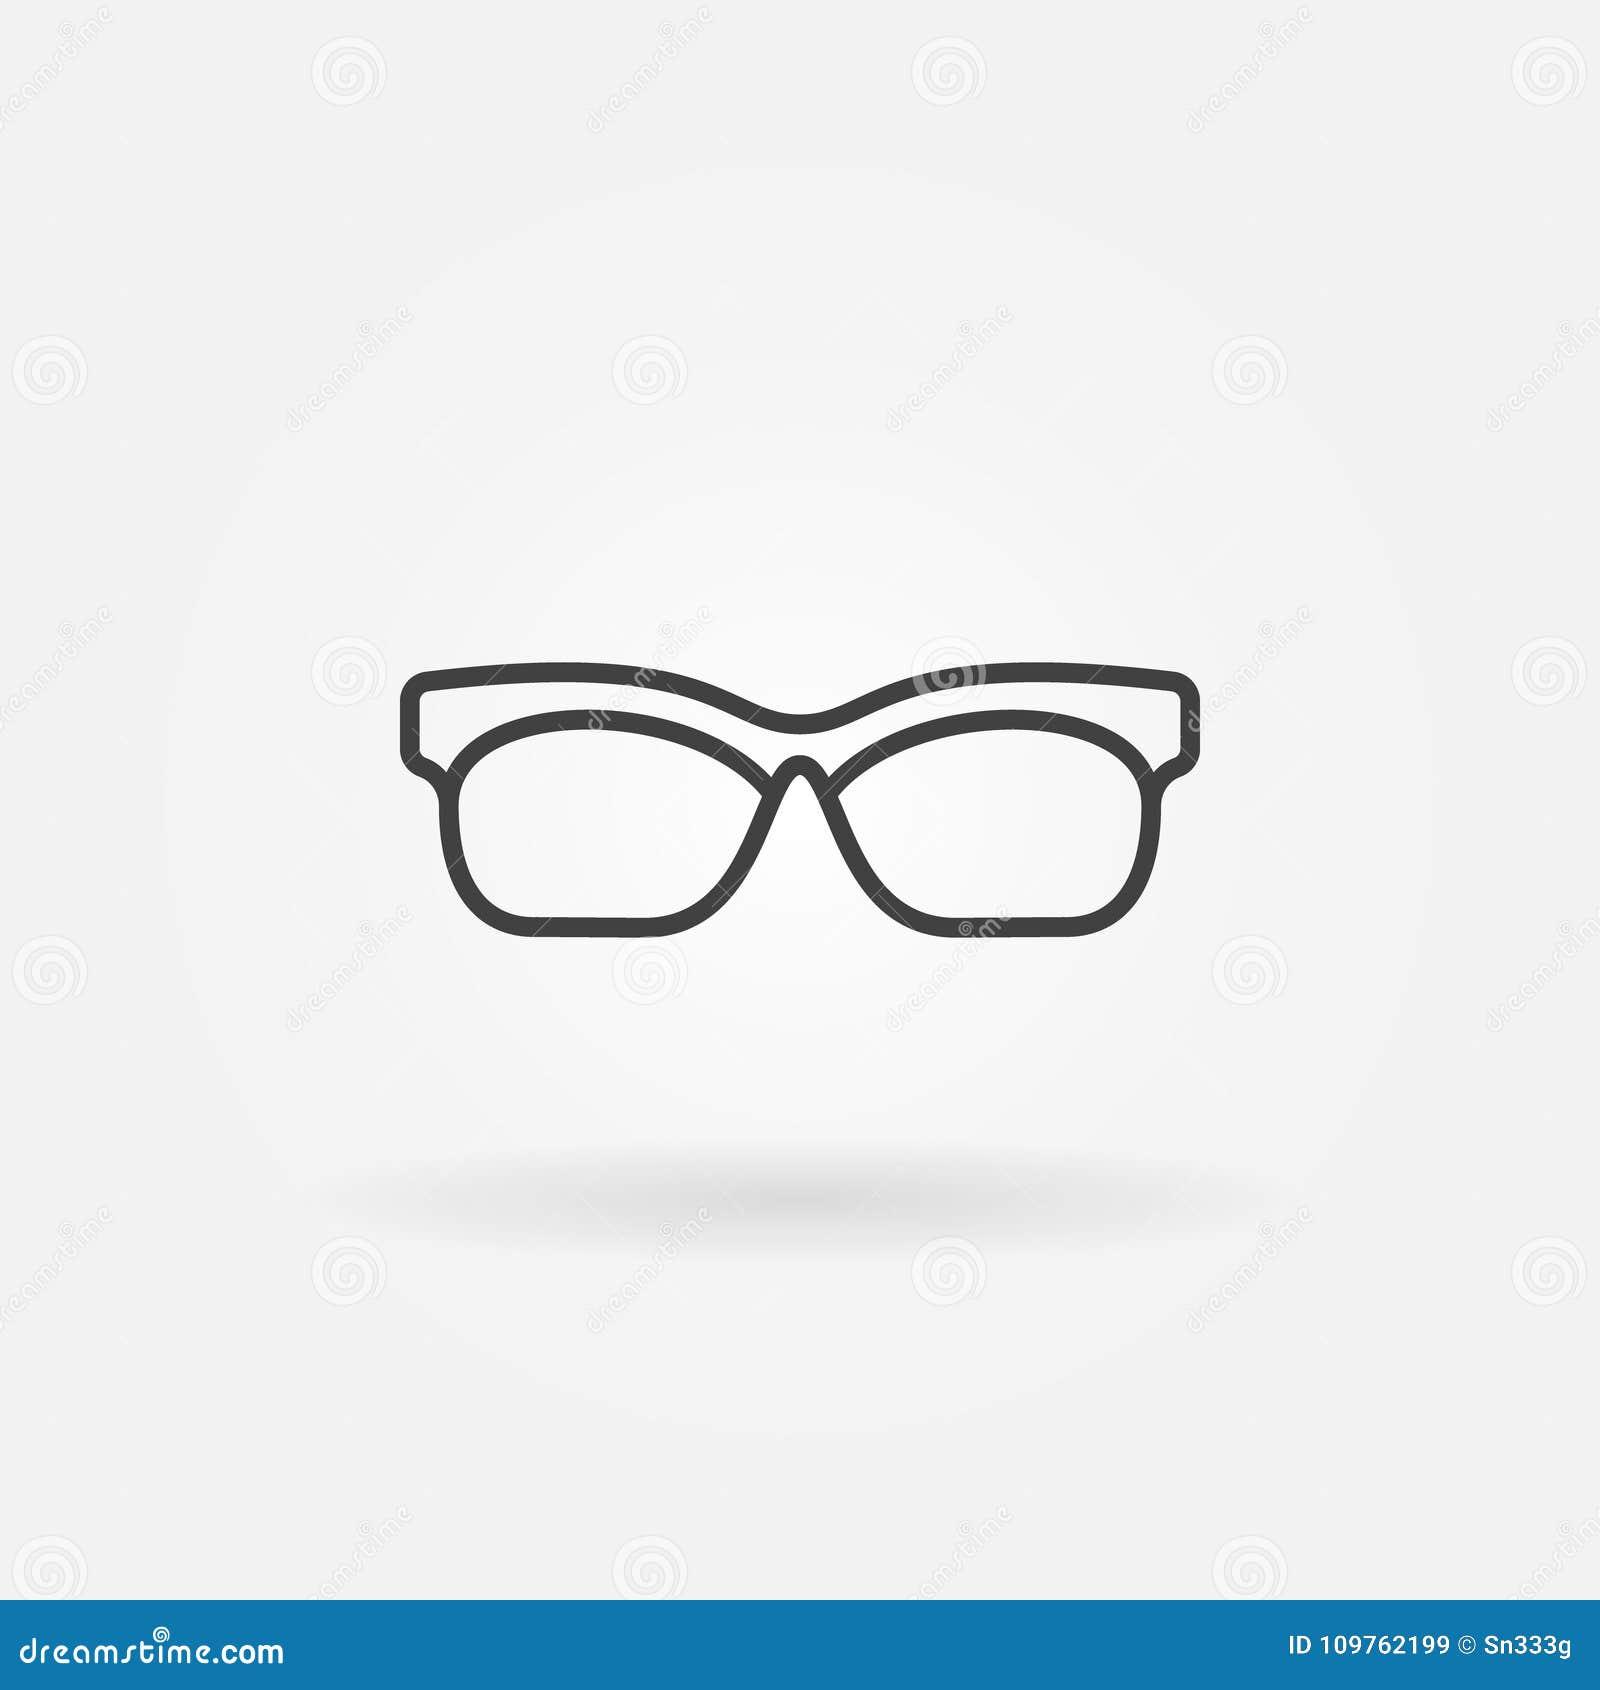 Glasses Outline Icon Vector Sunglasses Line Symbol Stock Vector